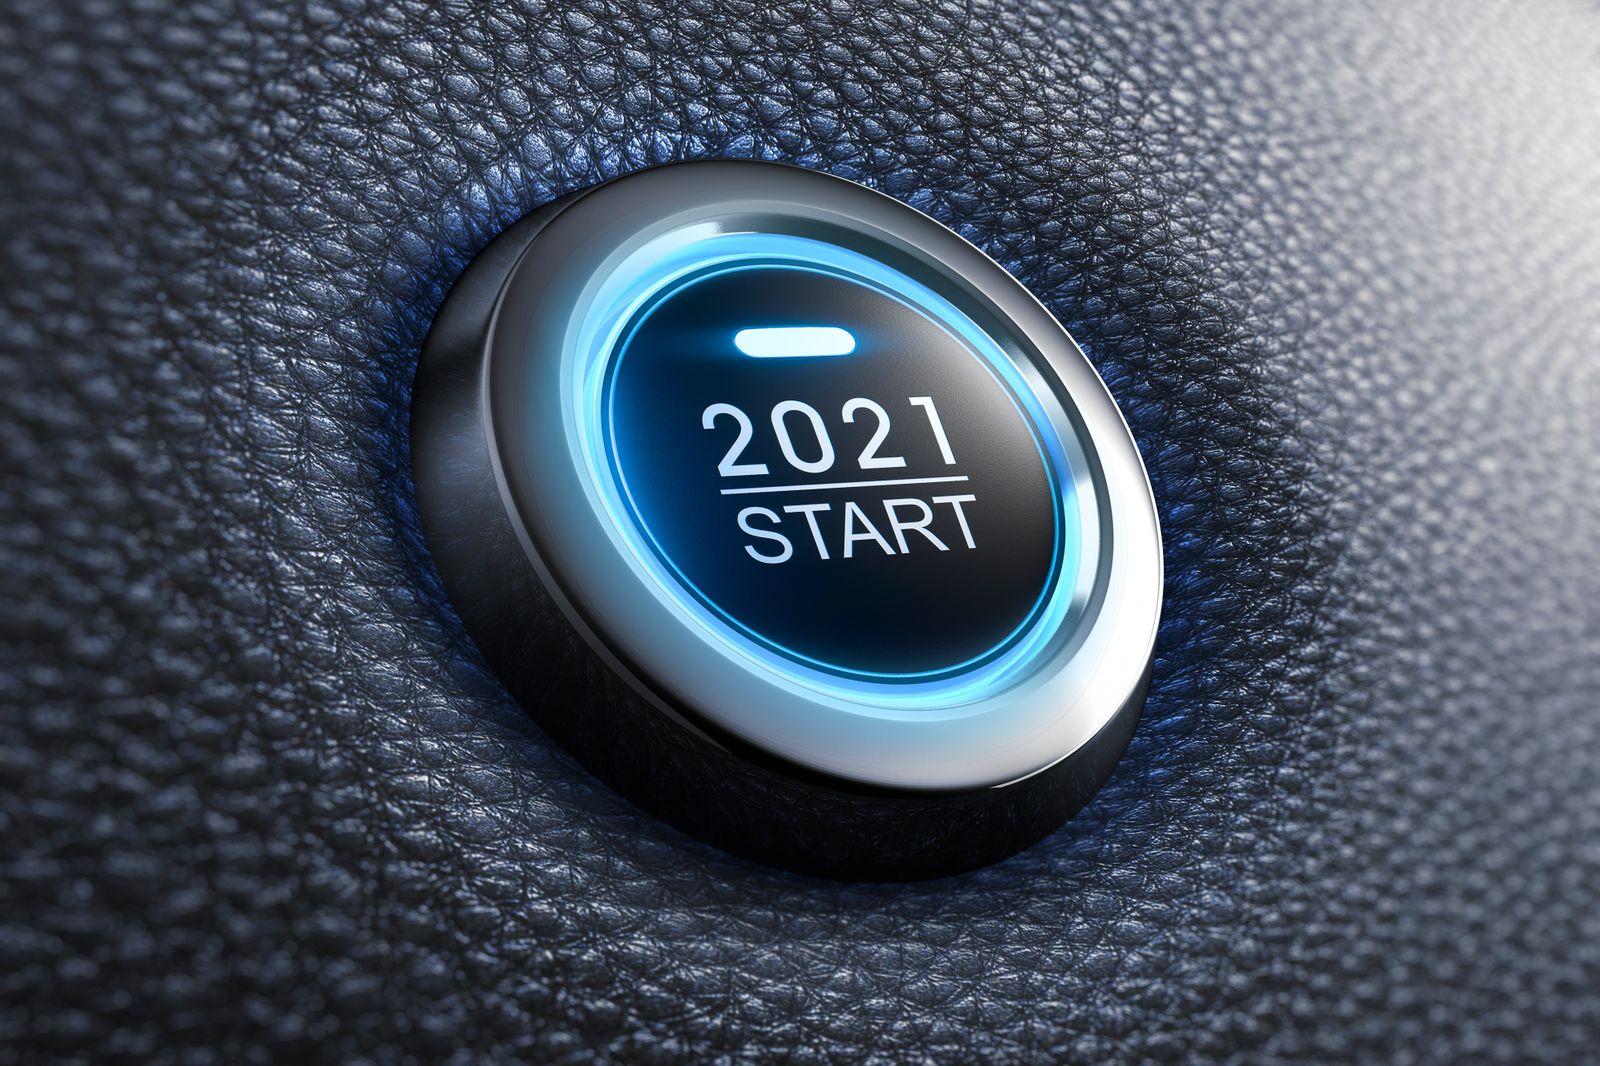 Blue illuminated start 2021 button on black leather